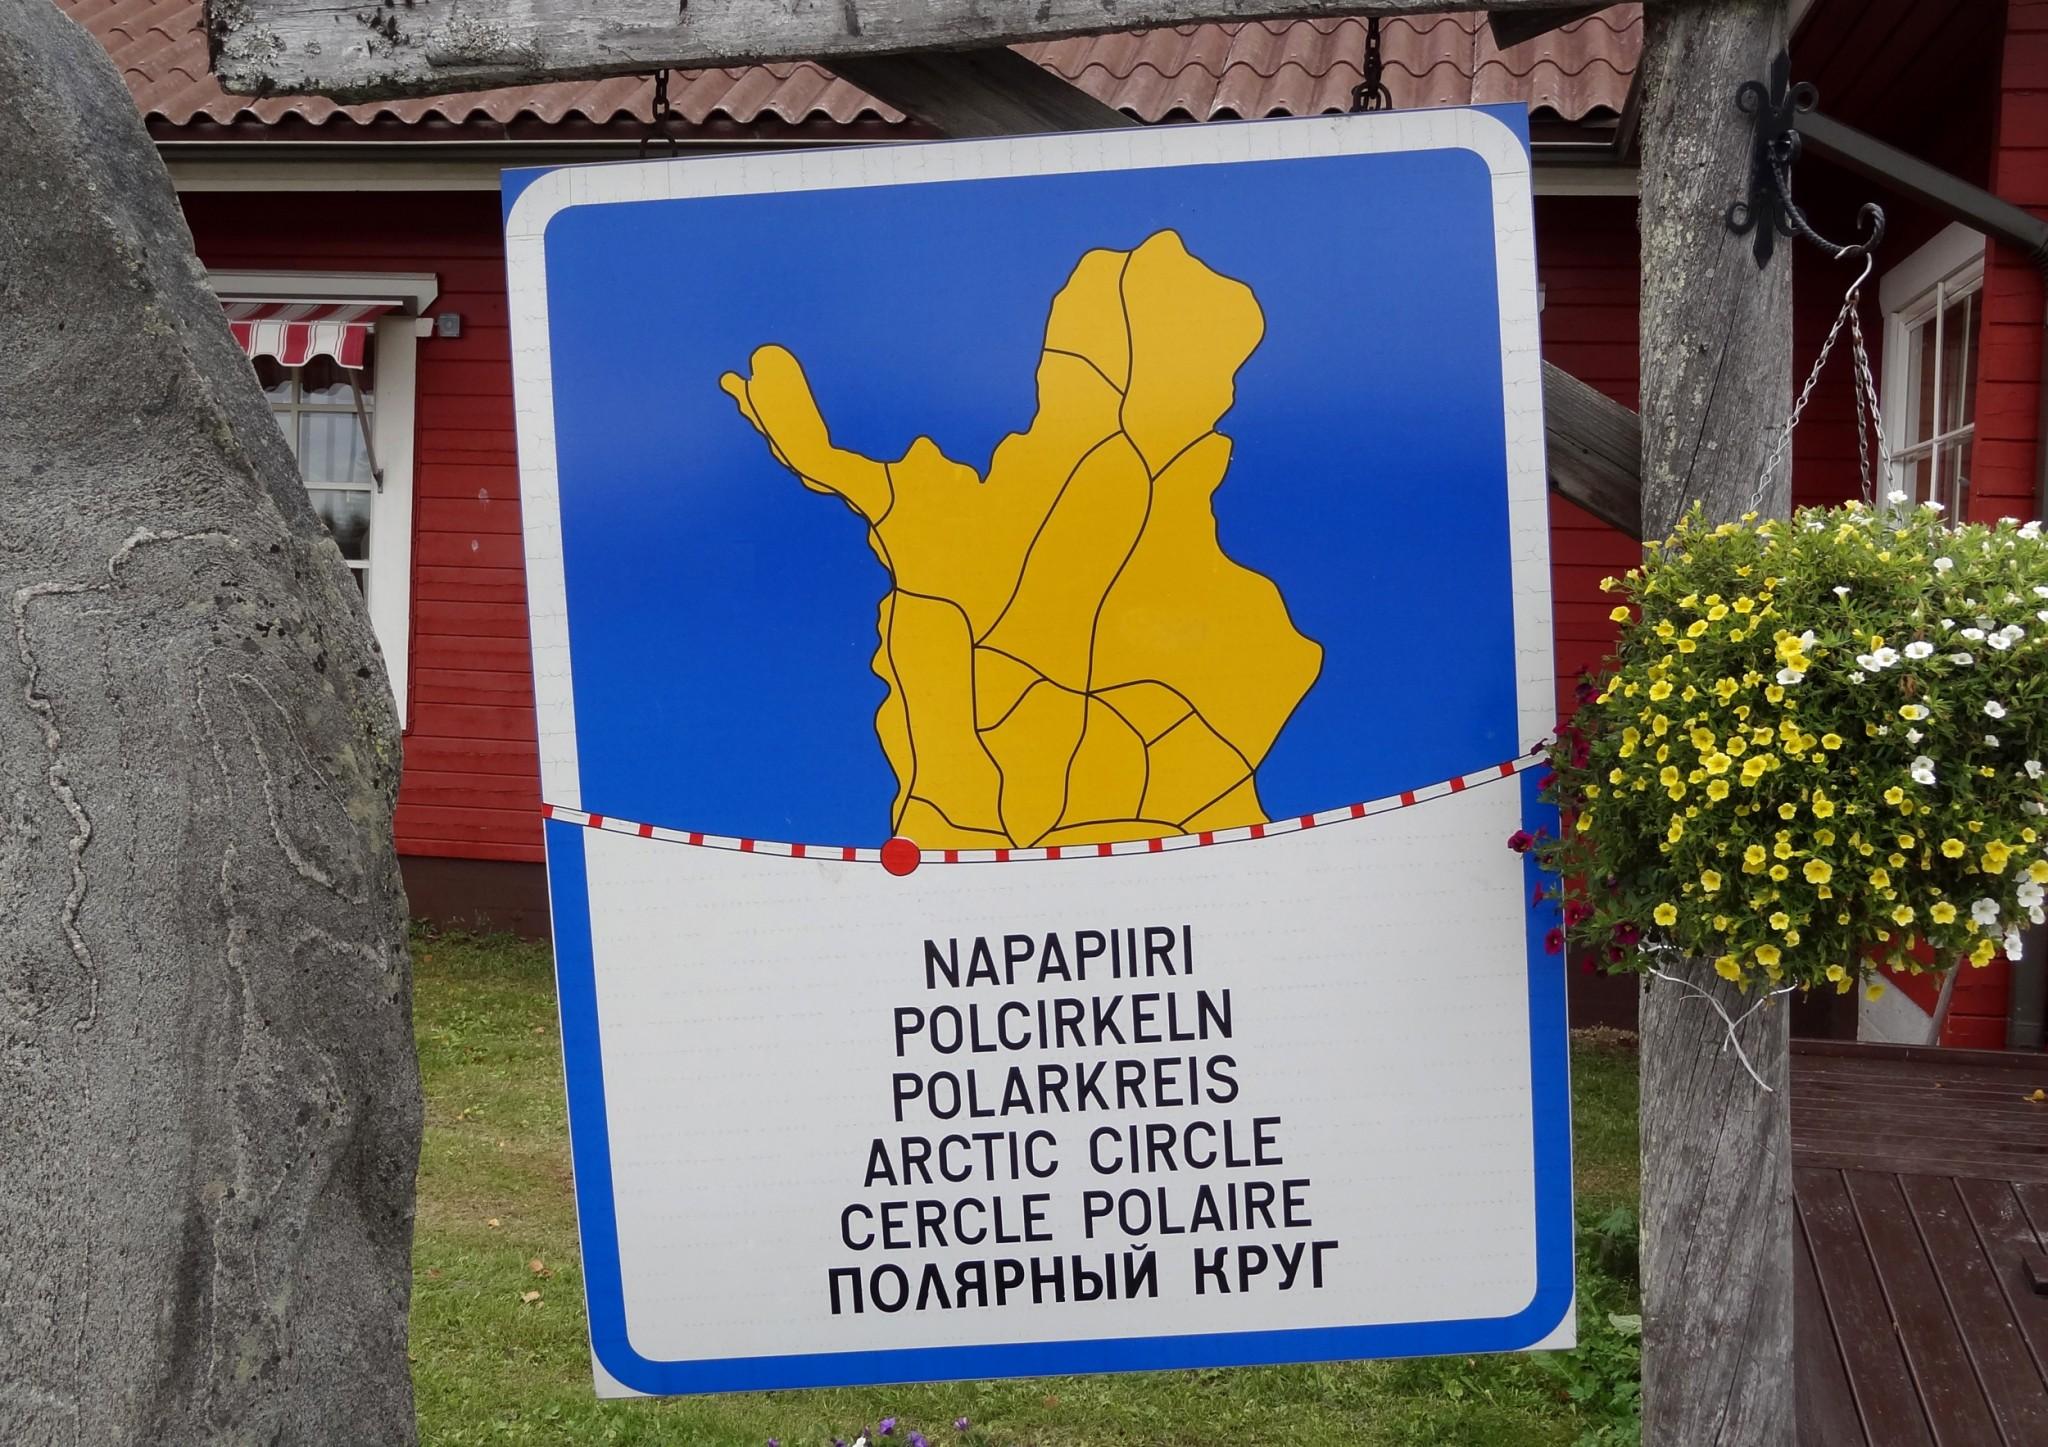 Napapiiri